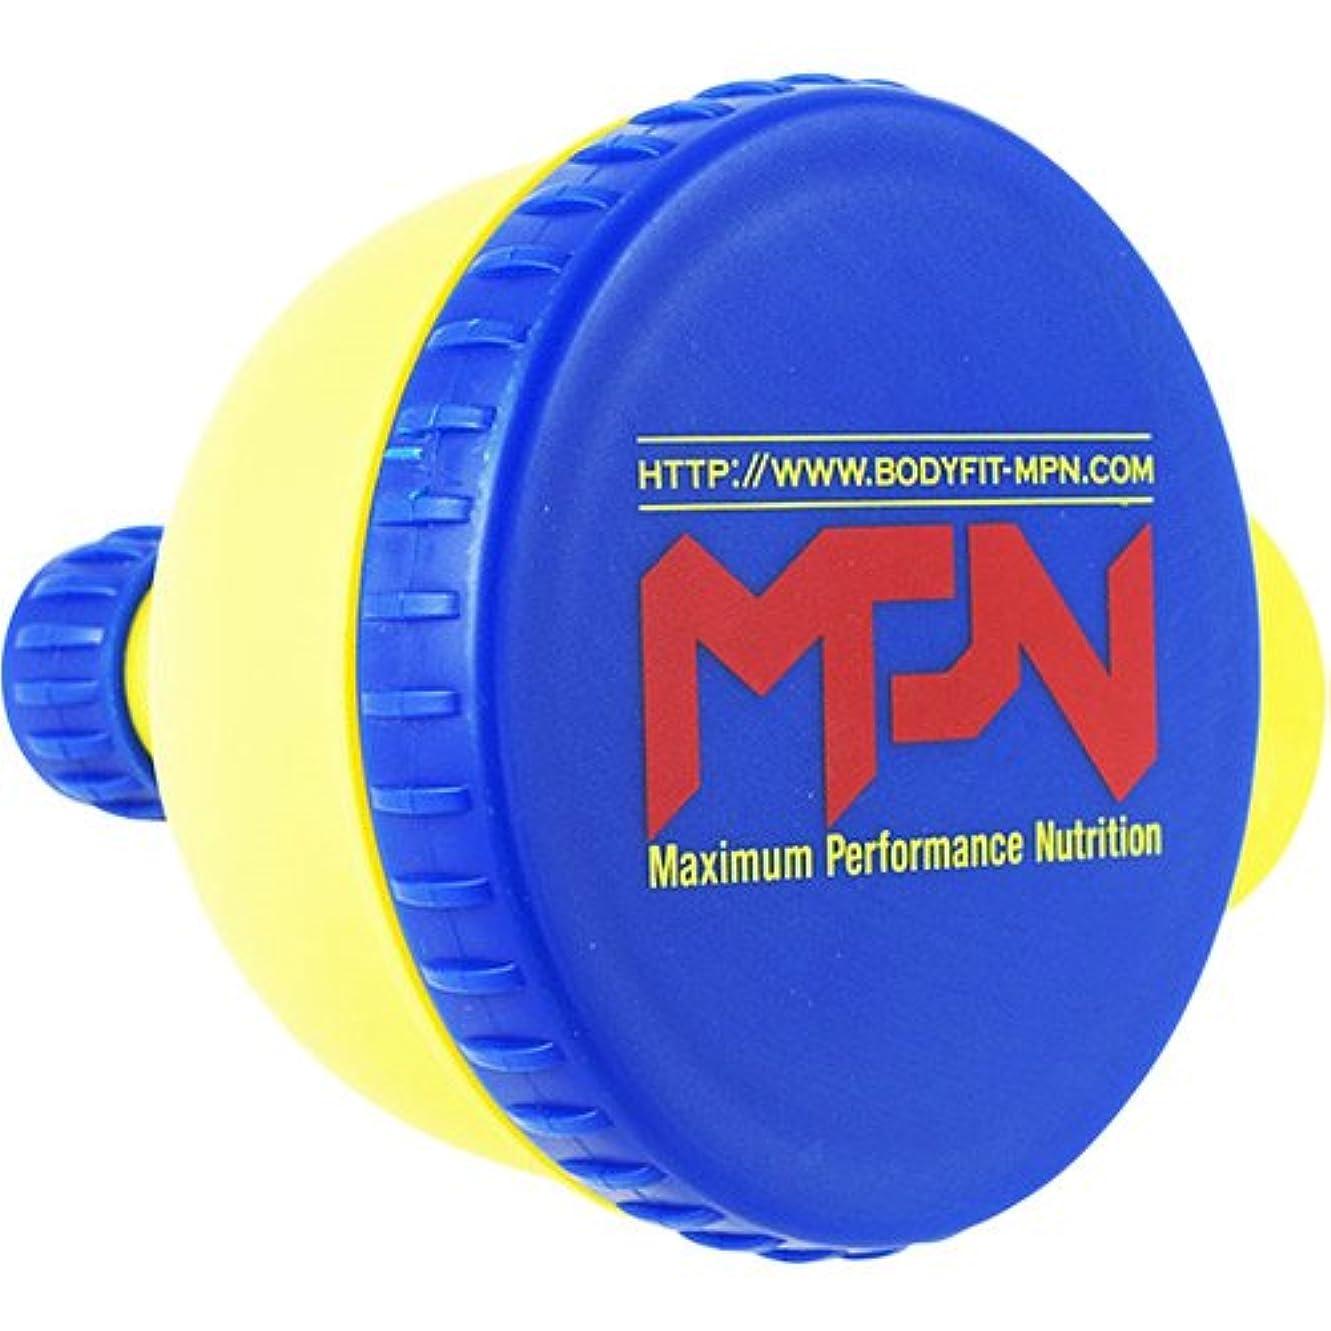 溝メインキネマティクスボディフィット MPN ファンネル 粉末サプリメント小分け携帯用漏斗